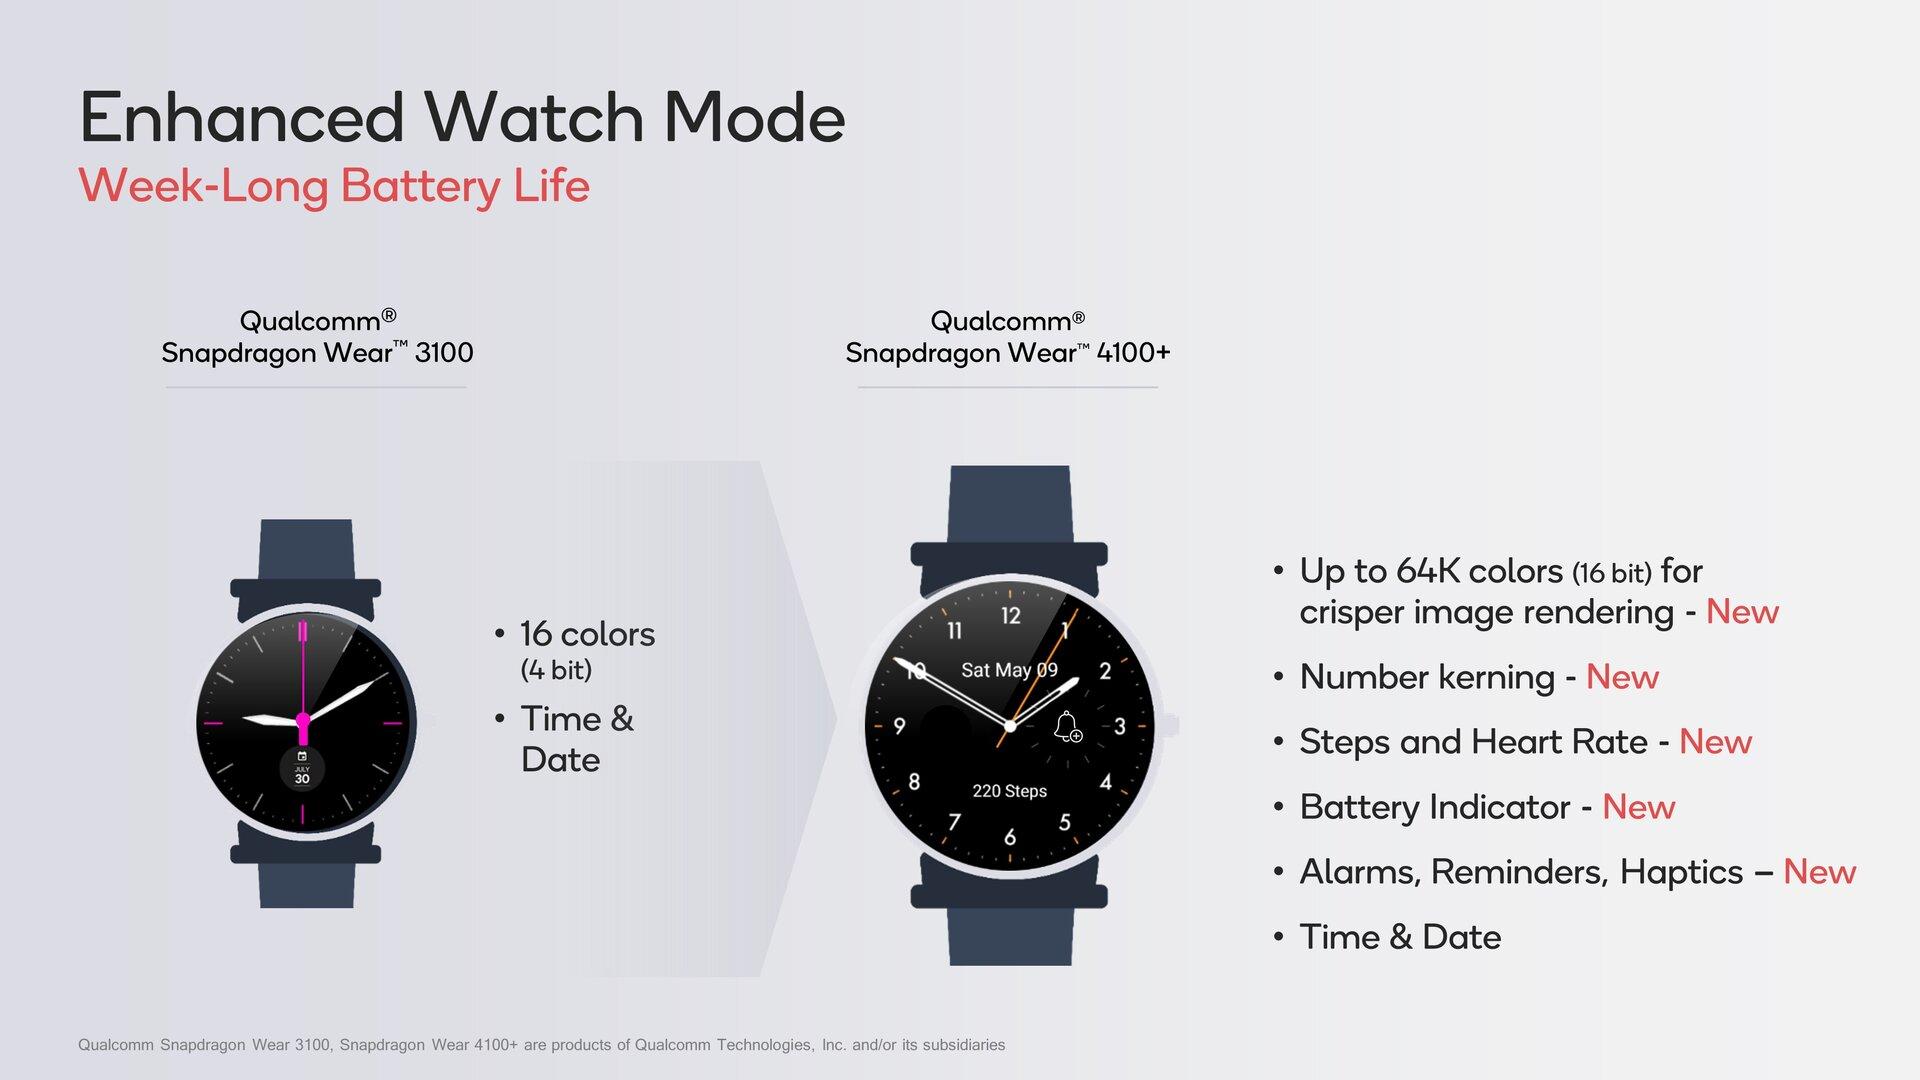 Qualcomm Snapdragon Wear 4100